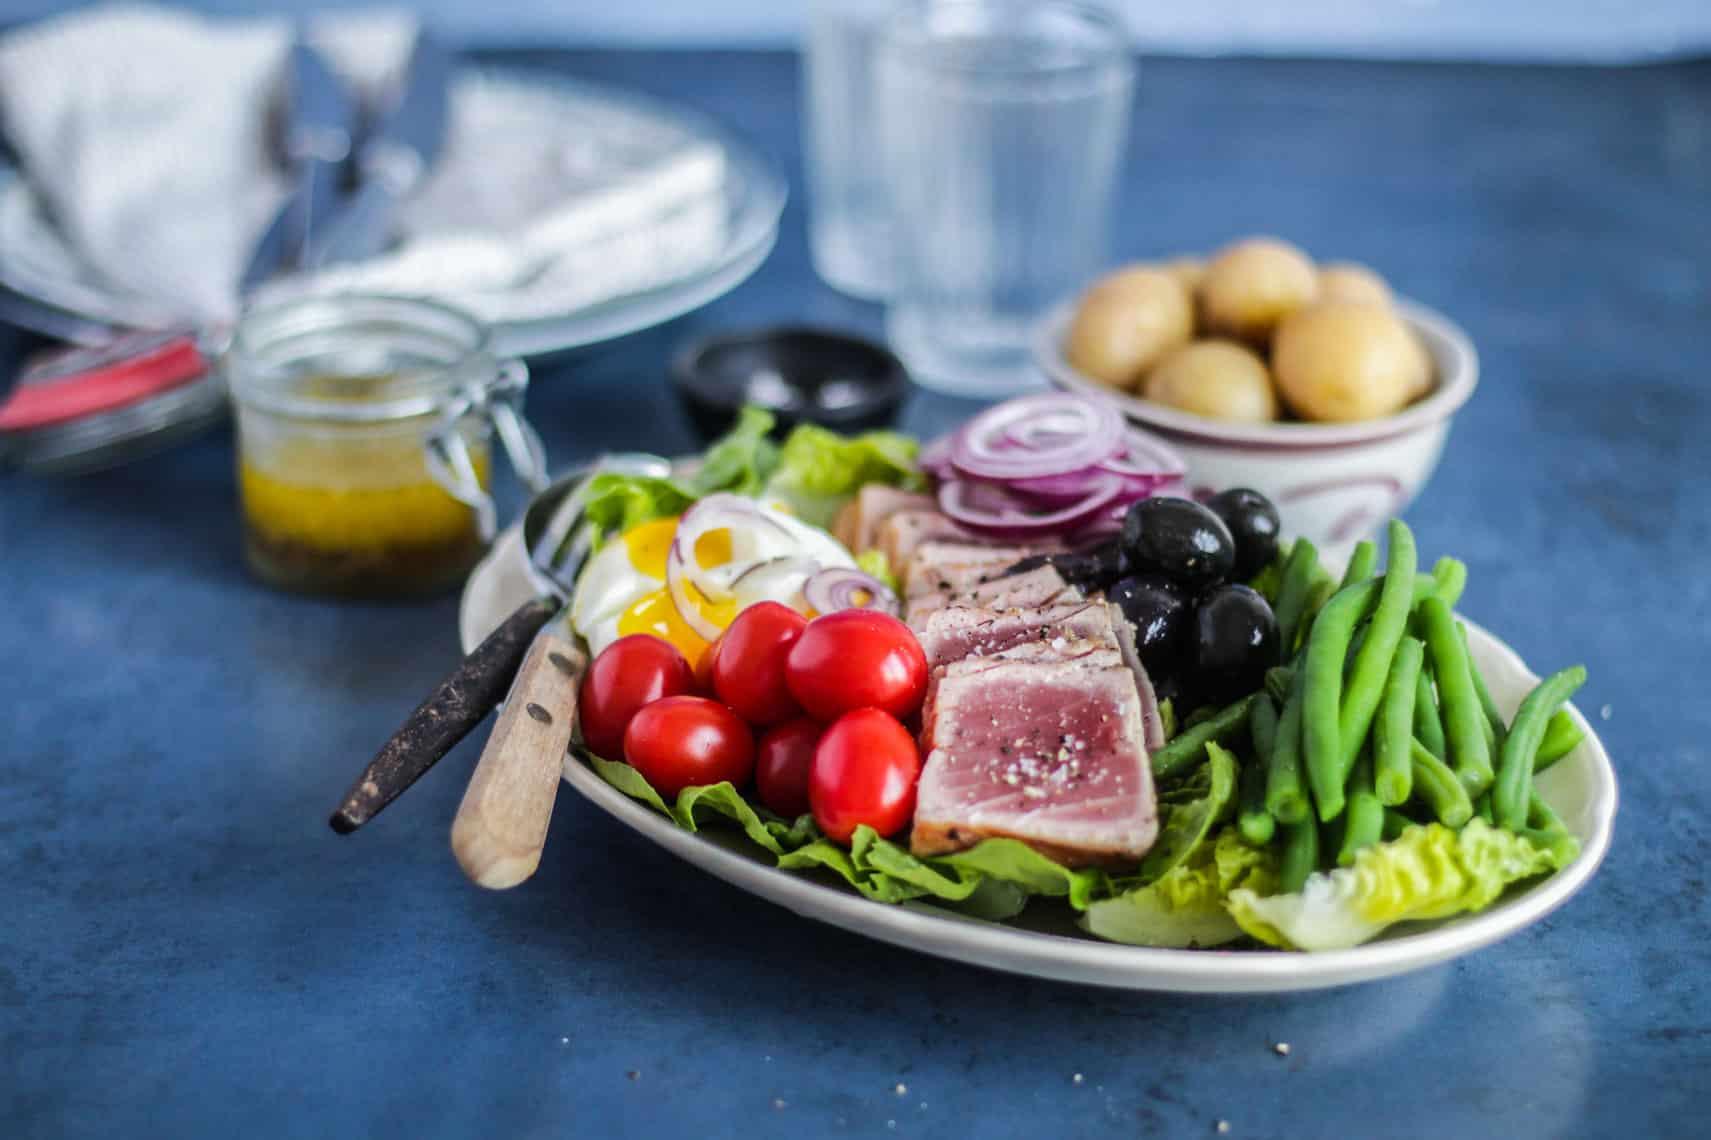 Salade Niçoise - opskrift på den lækre franske salat med tun, æg og bønner